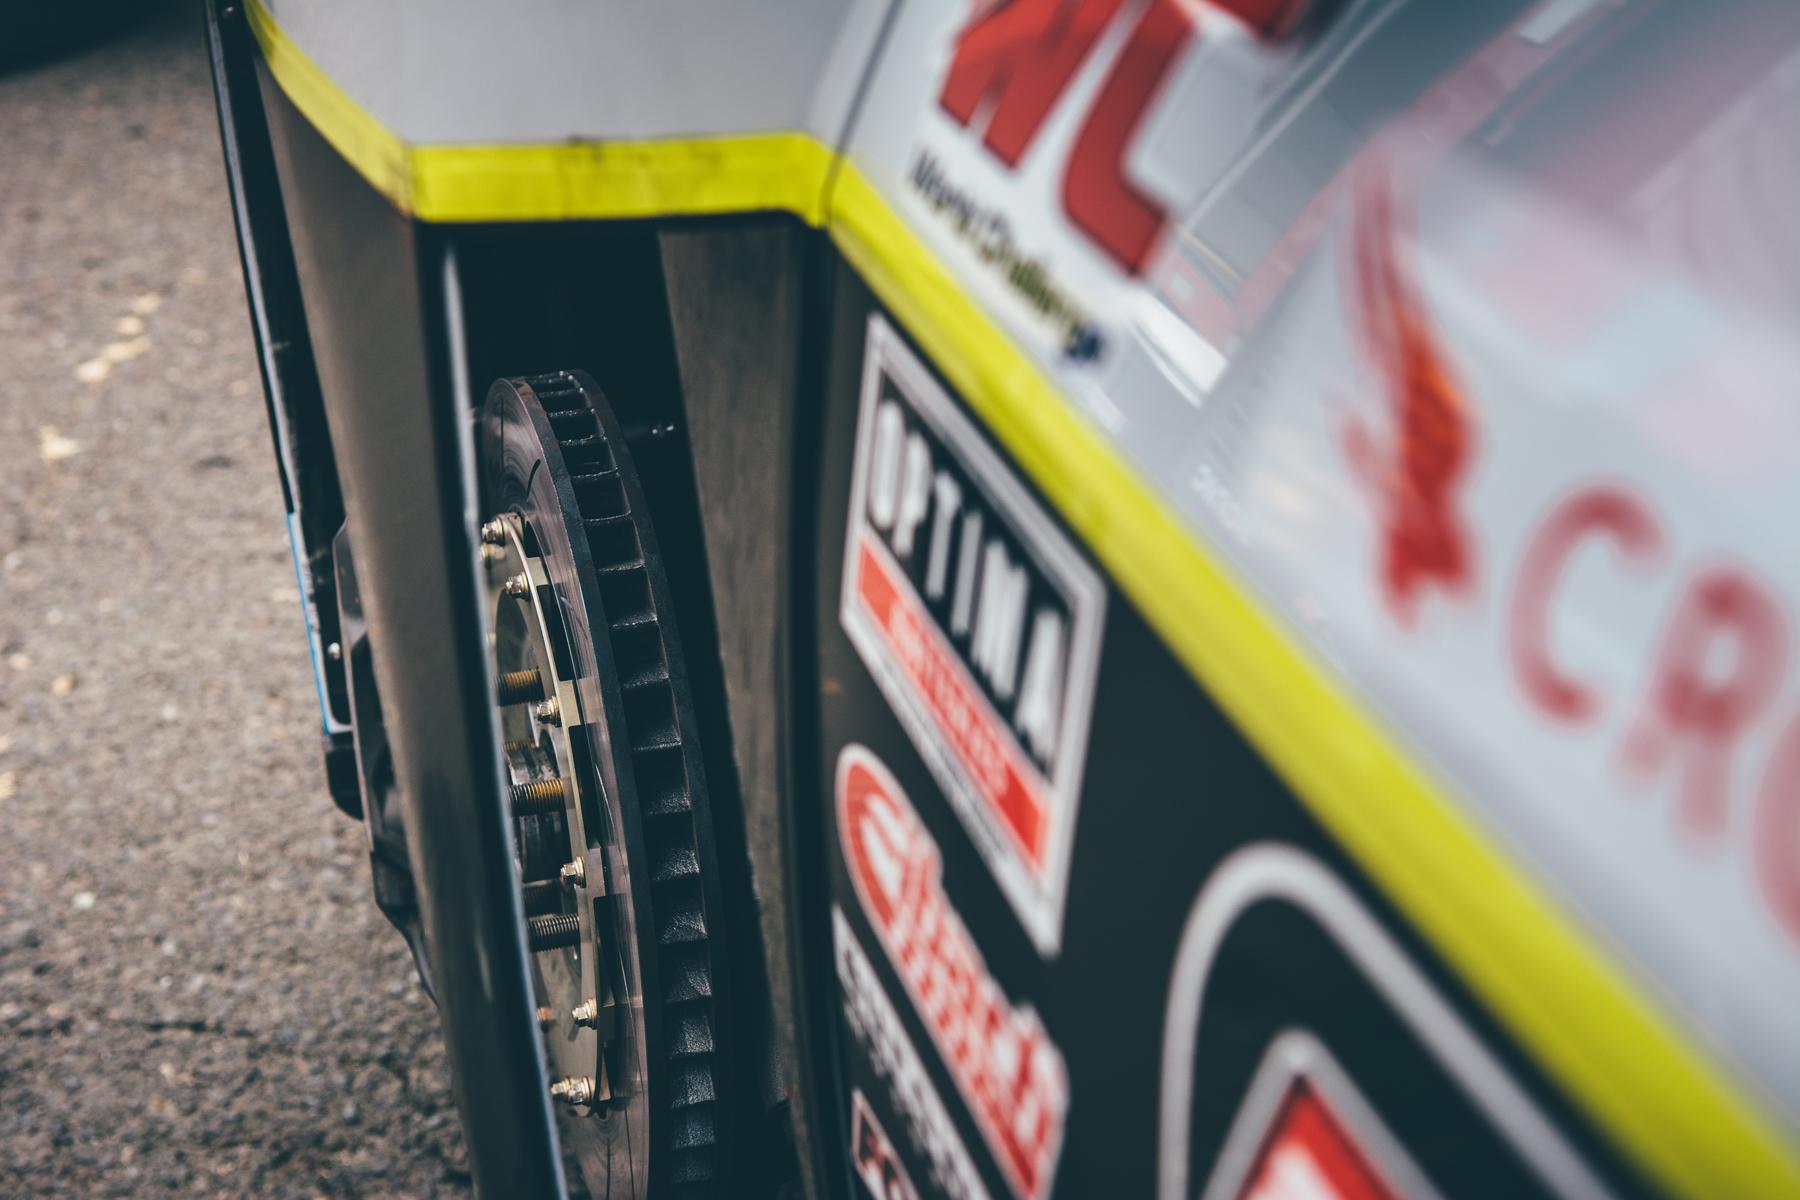 pirelli-world-challenge-pir-fcp-euro-mk7-volkswagen-gti-tcr-05.jpg